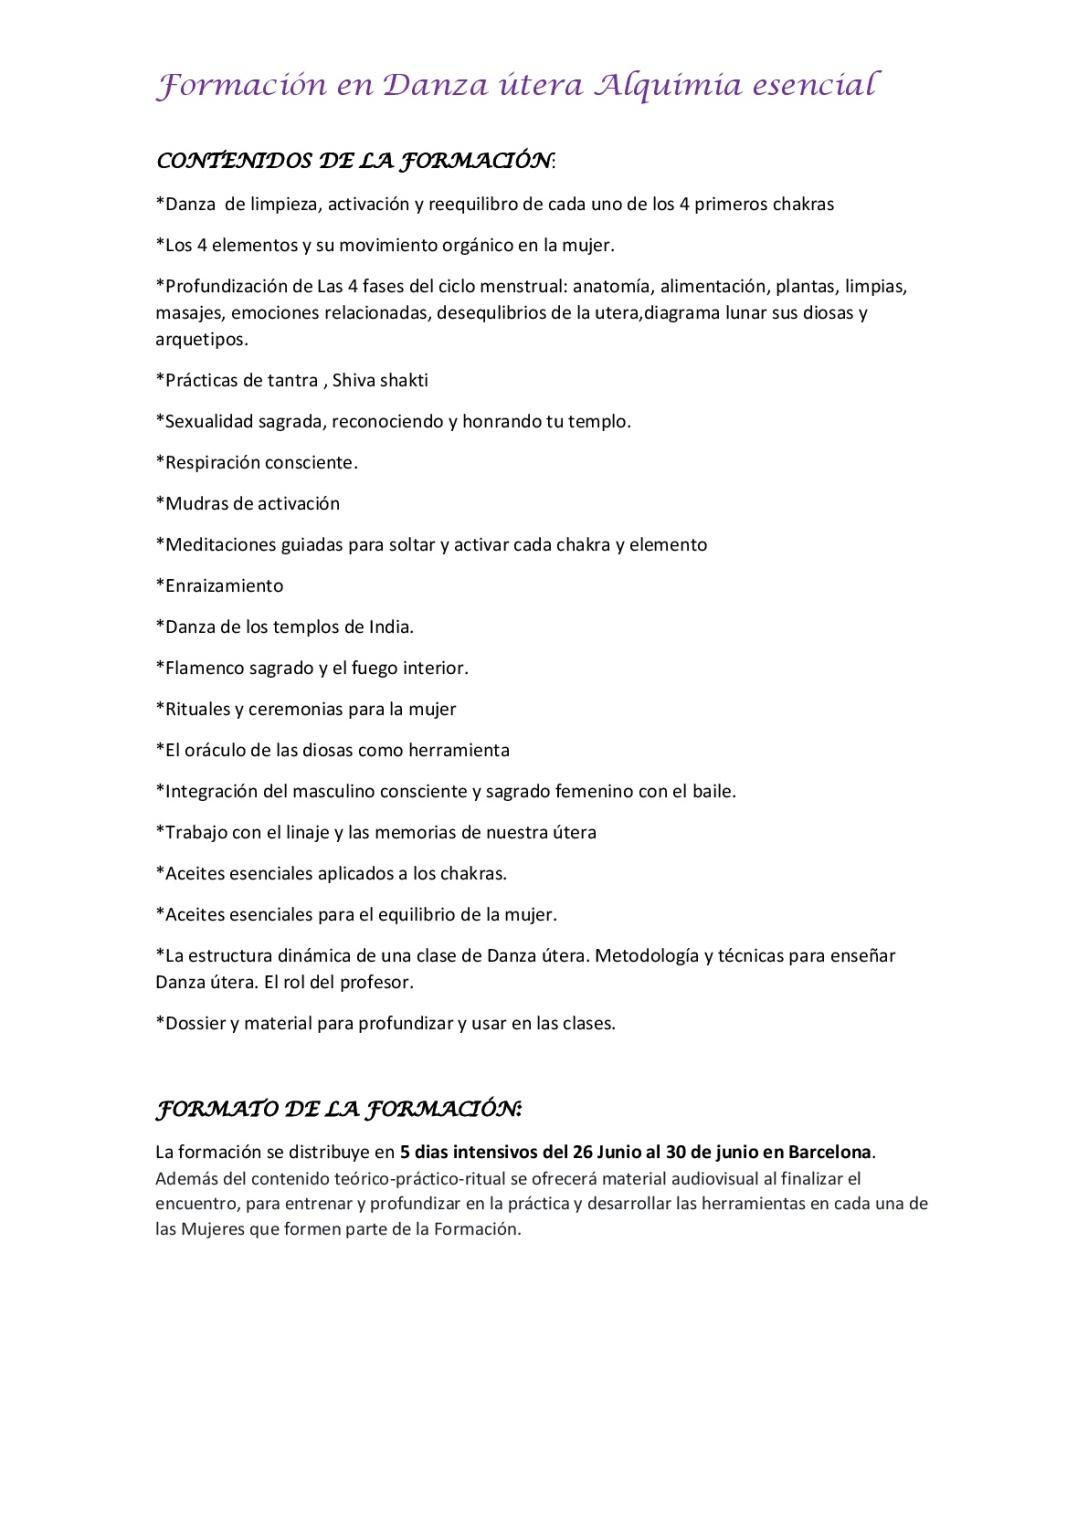 danza-utera-formacion-002